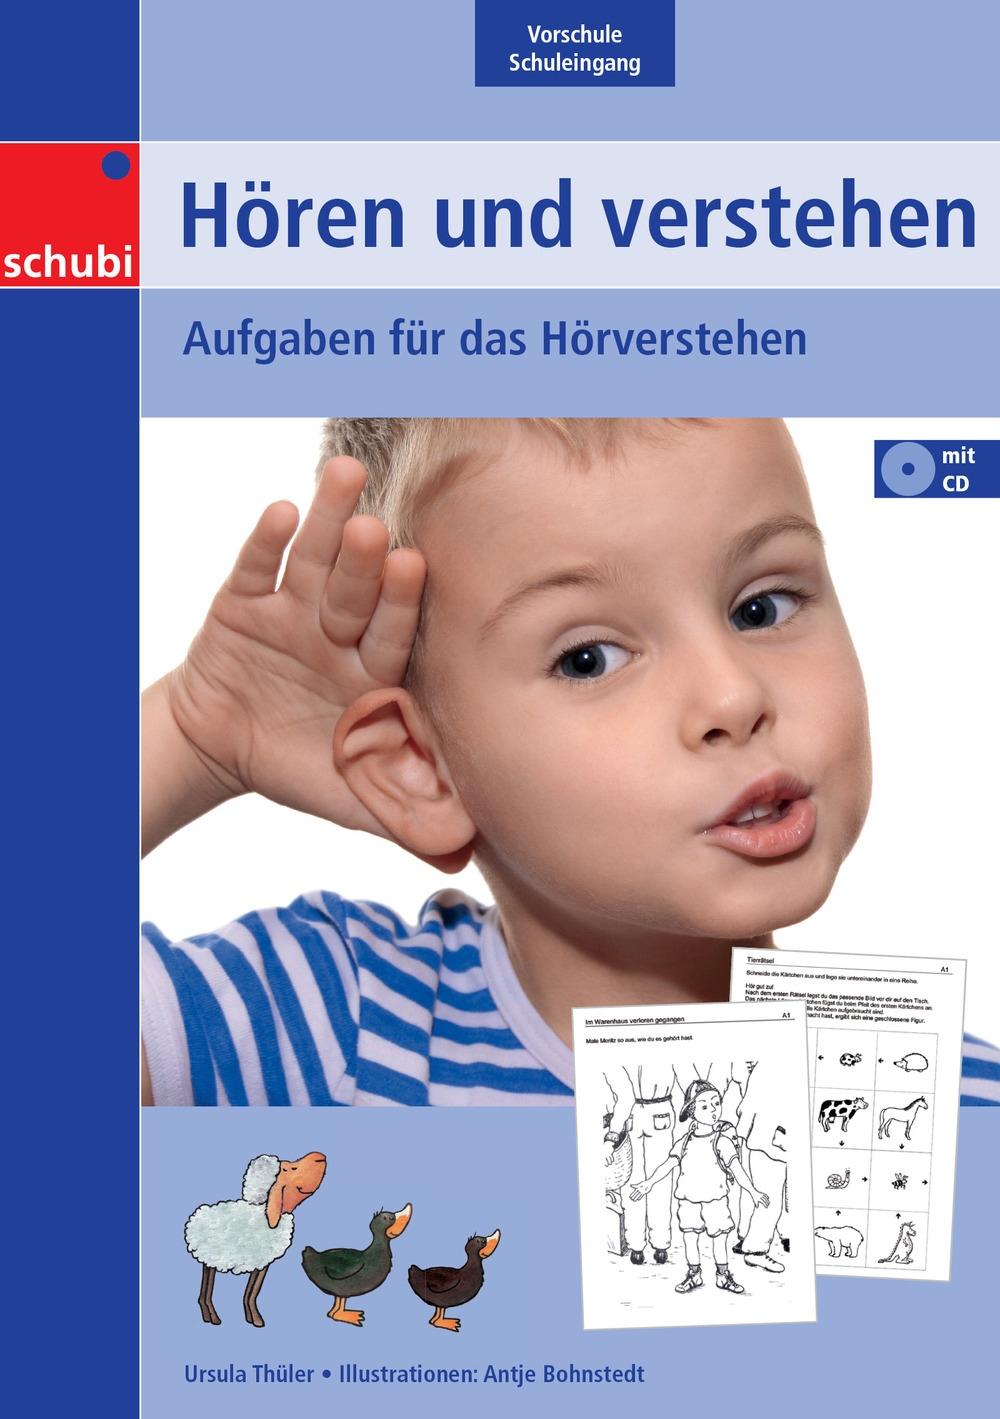 Hören und verstehen - SCHUBI